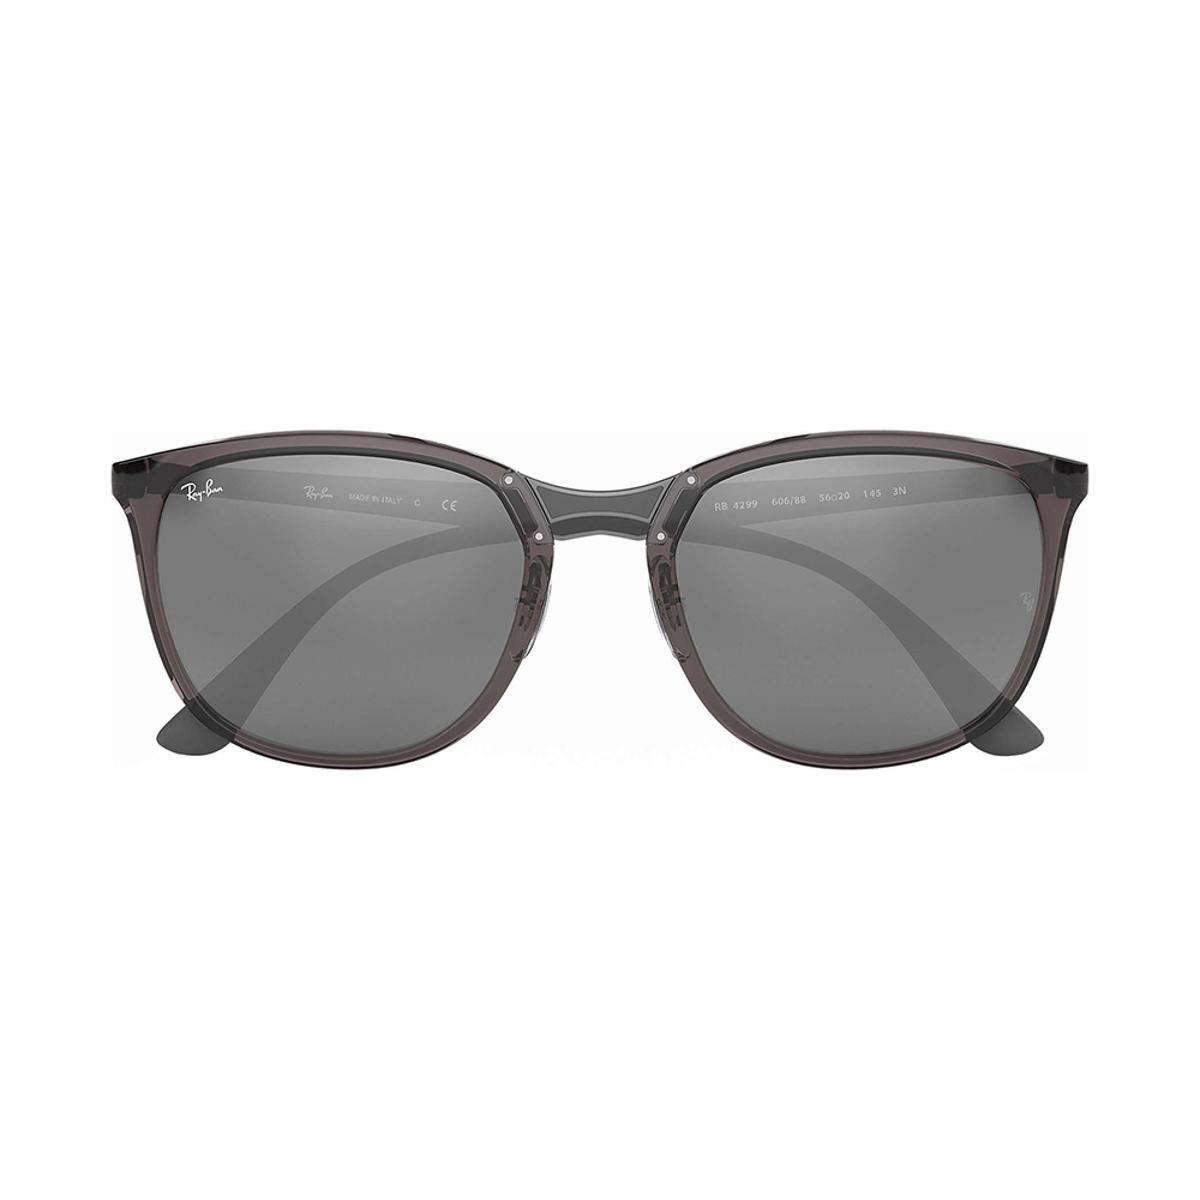 Óculos de Sol Ray-Ban RB4299 Masculino - Cinza - Compre Agora   Netshoes a135420255